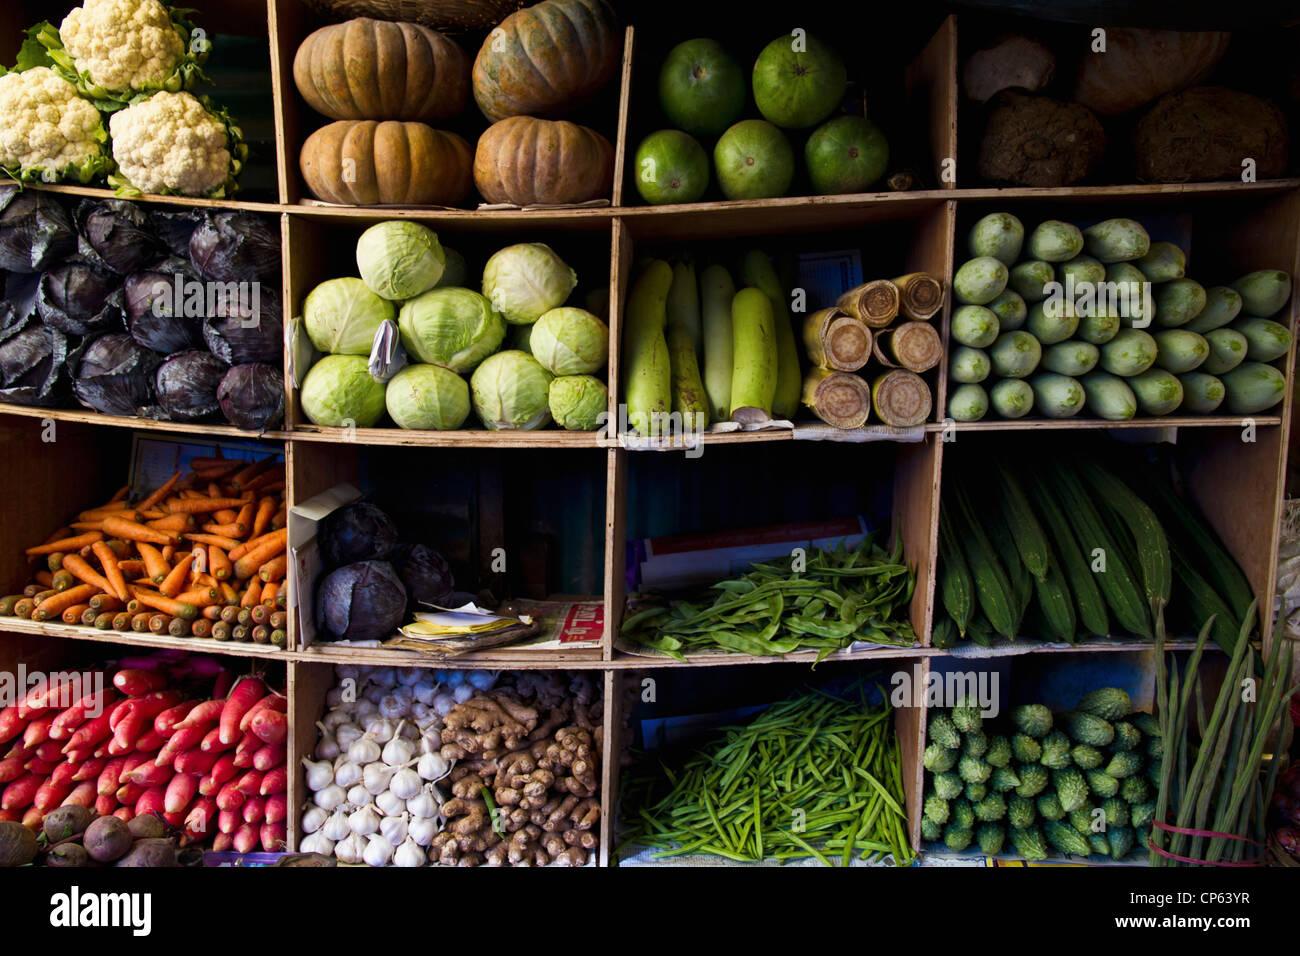 Indien, Ooty, Vielzahl von Gemüse im Schrank am Markt Stockbild